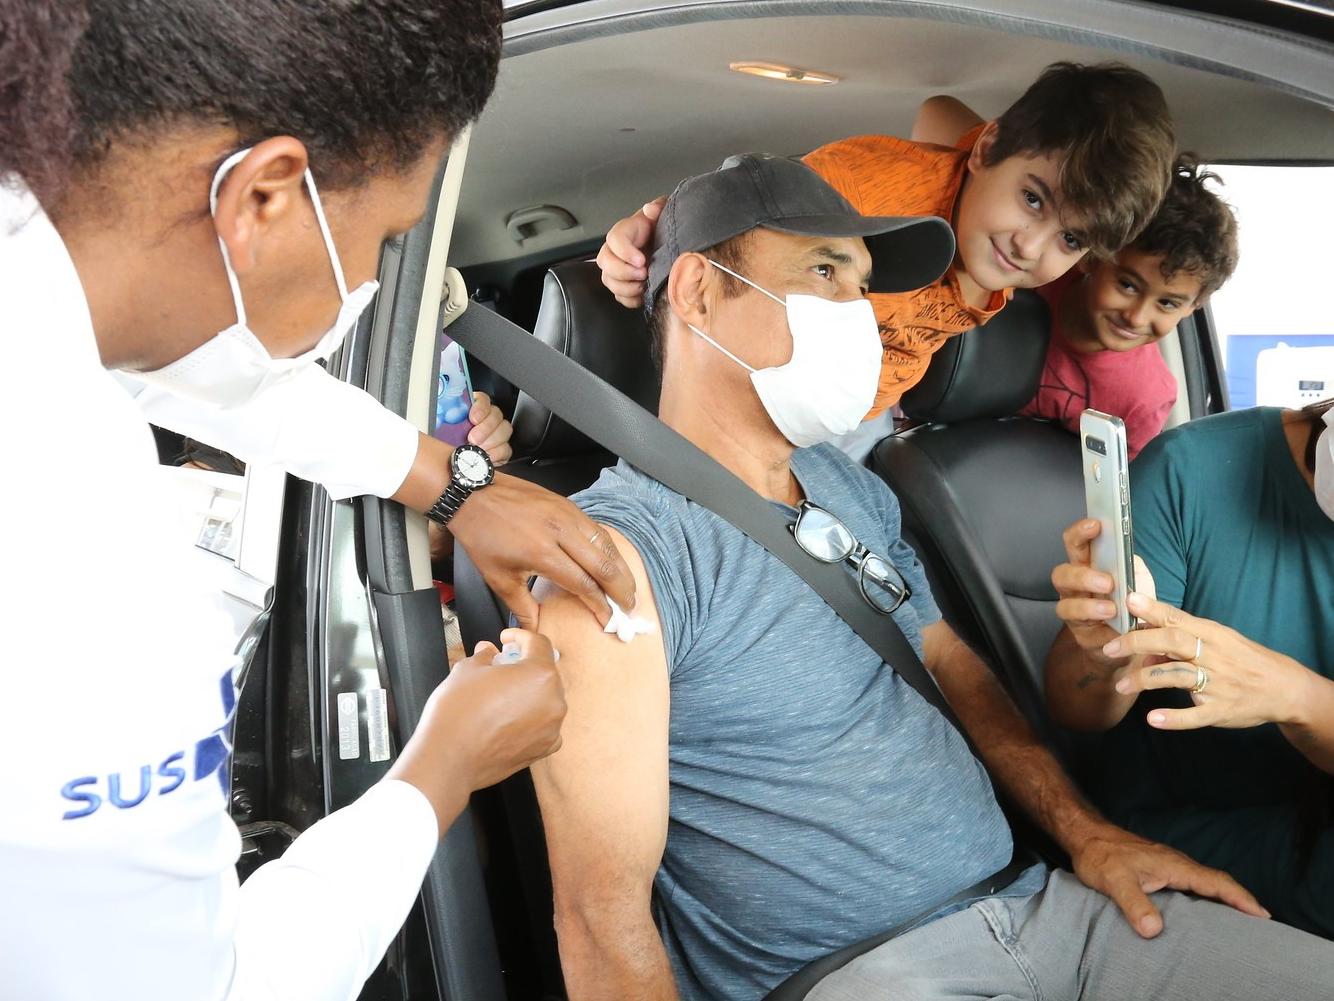 Governo paulista anunciou ainda o envio do protocolo do estudo clínico da vacina ButanVac à Anvisa